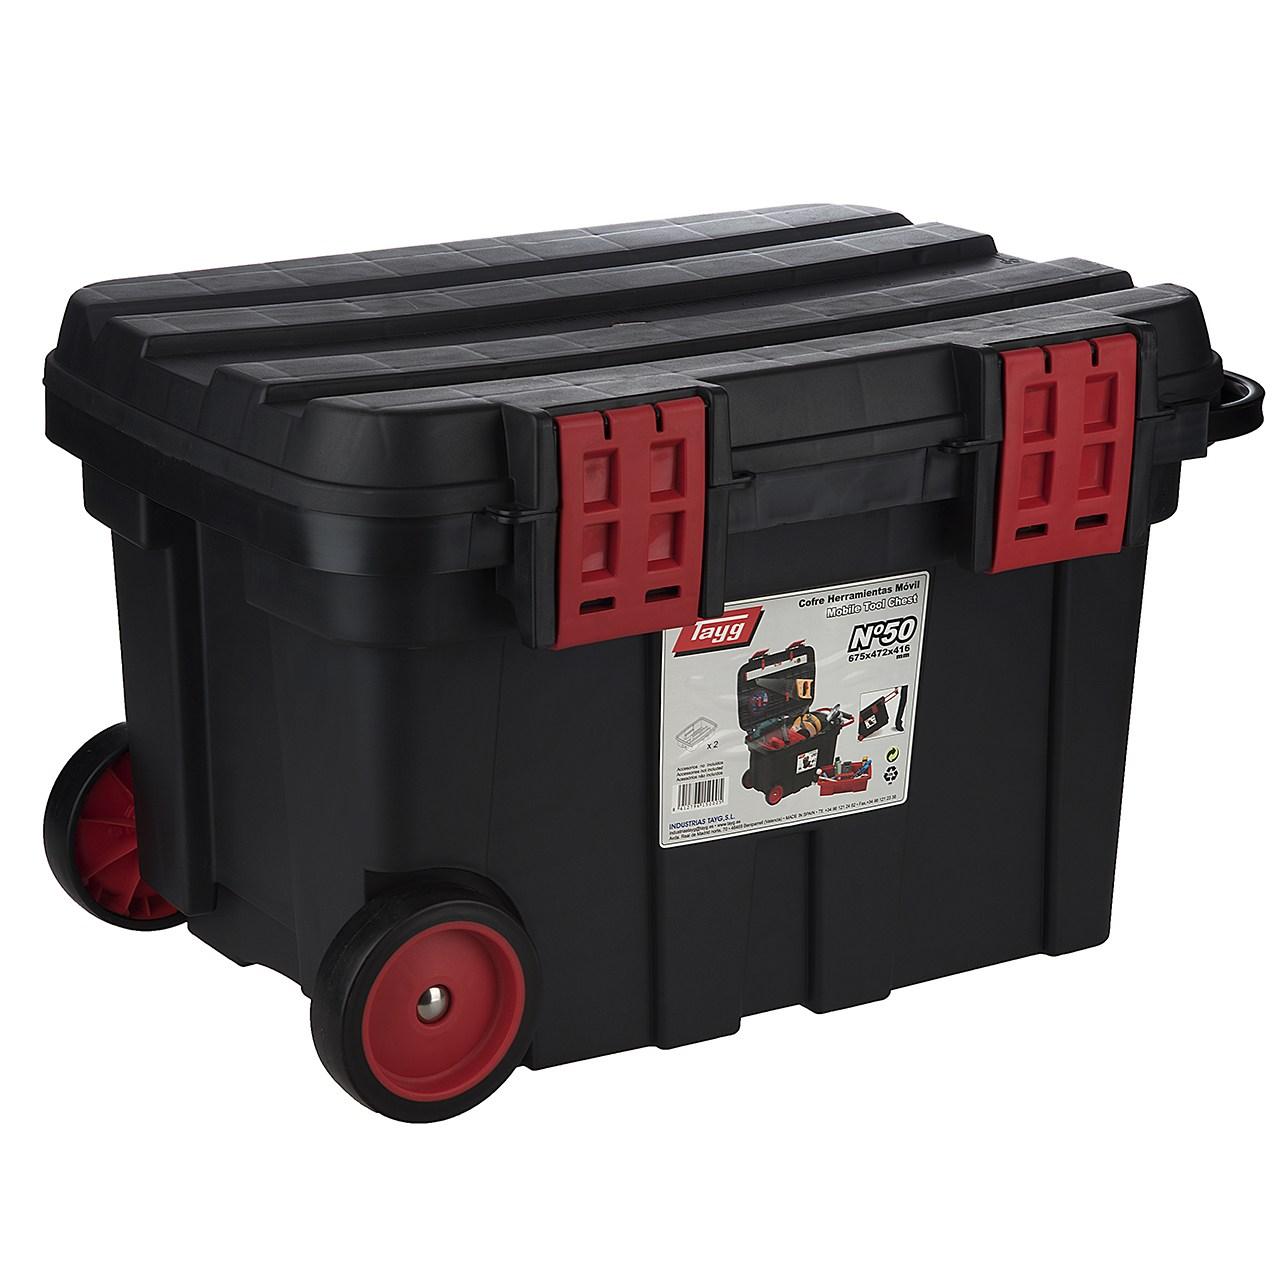 جعبه ابزار تایگ مدل N50